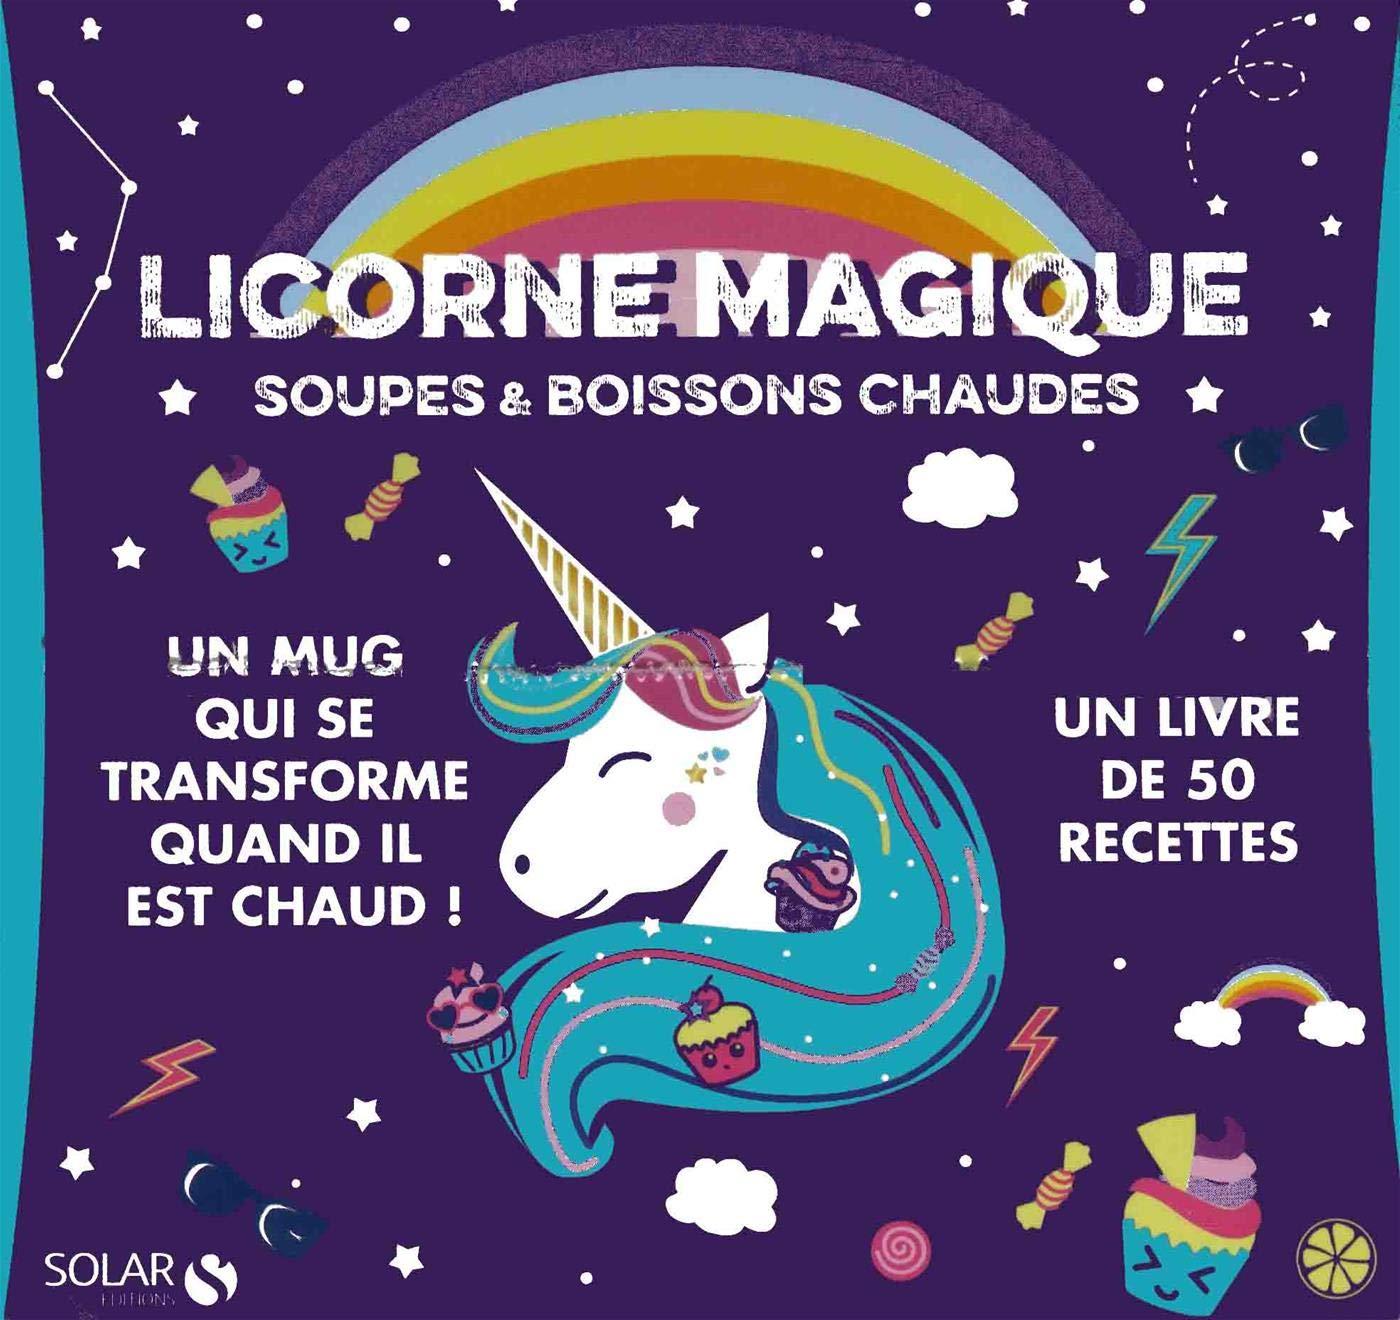 Coffret Licorne magique - Soupes & boissons chaudes